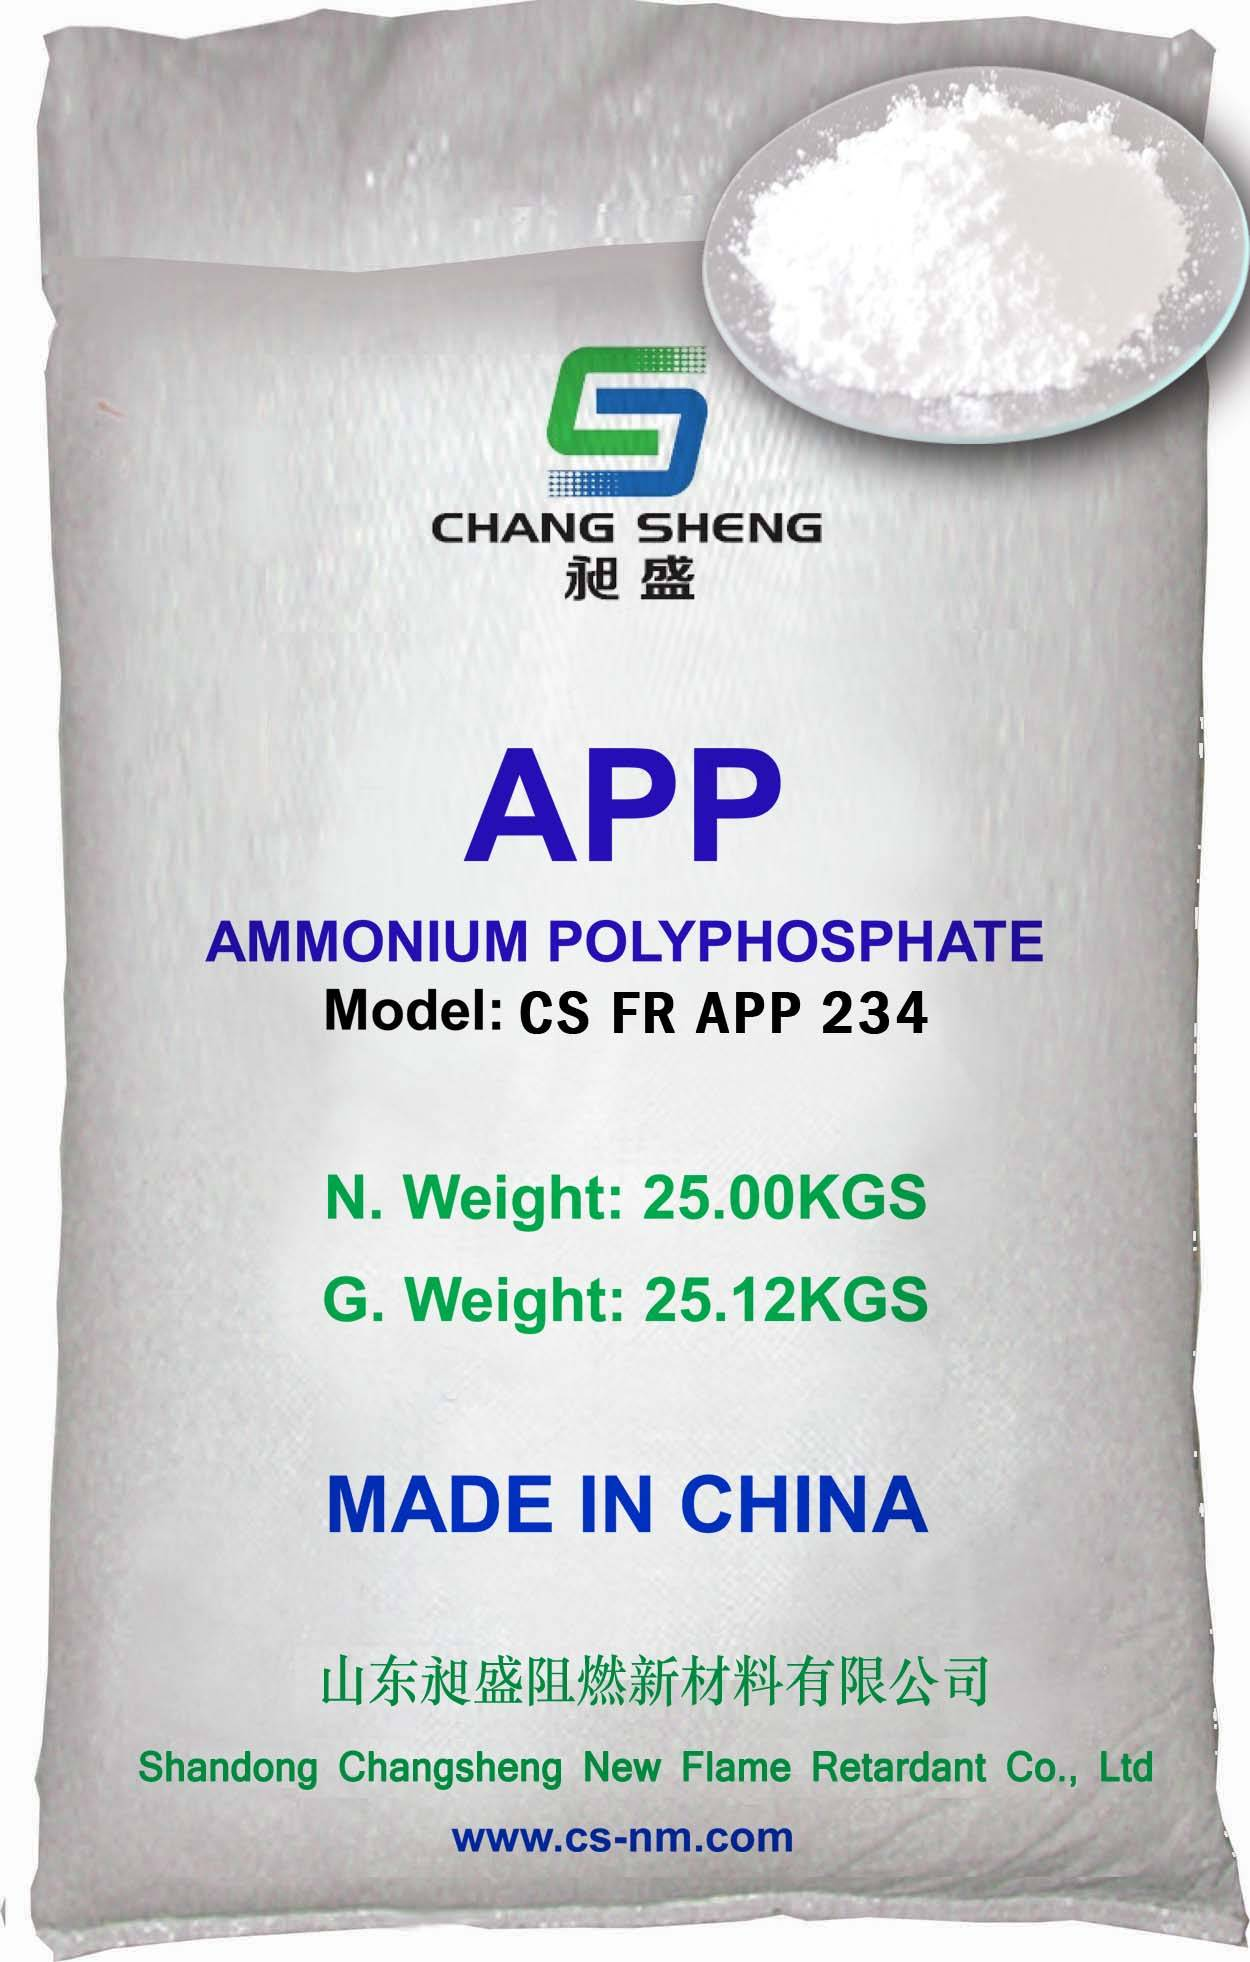 Ammonium Polyphosphate PhaseII 234